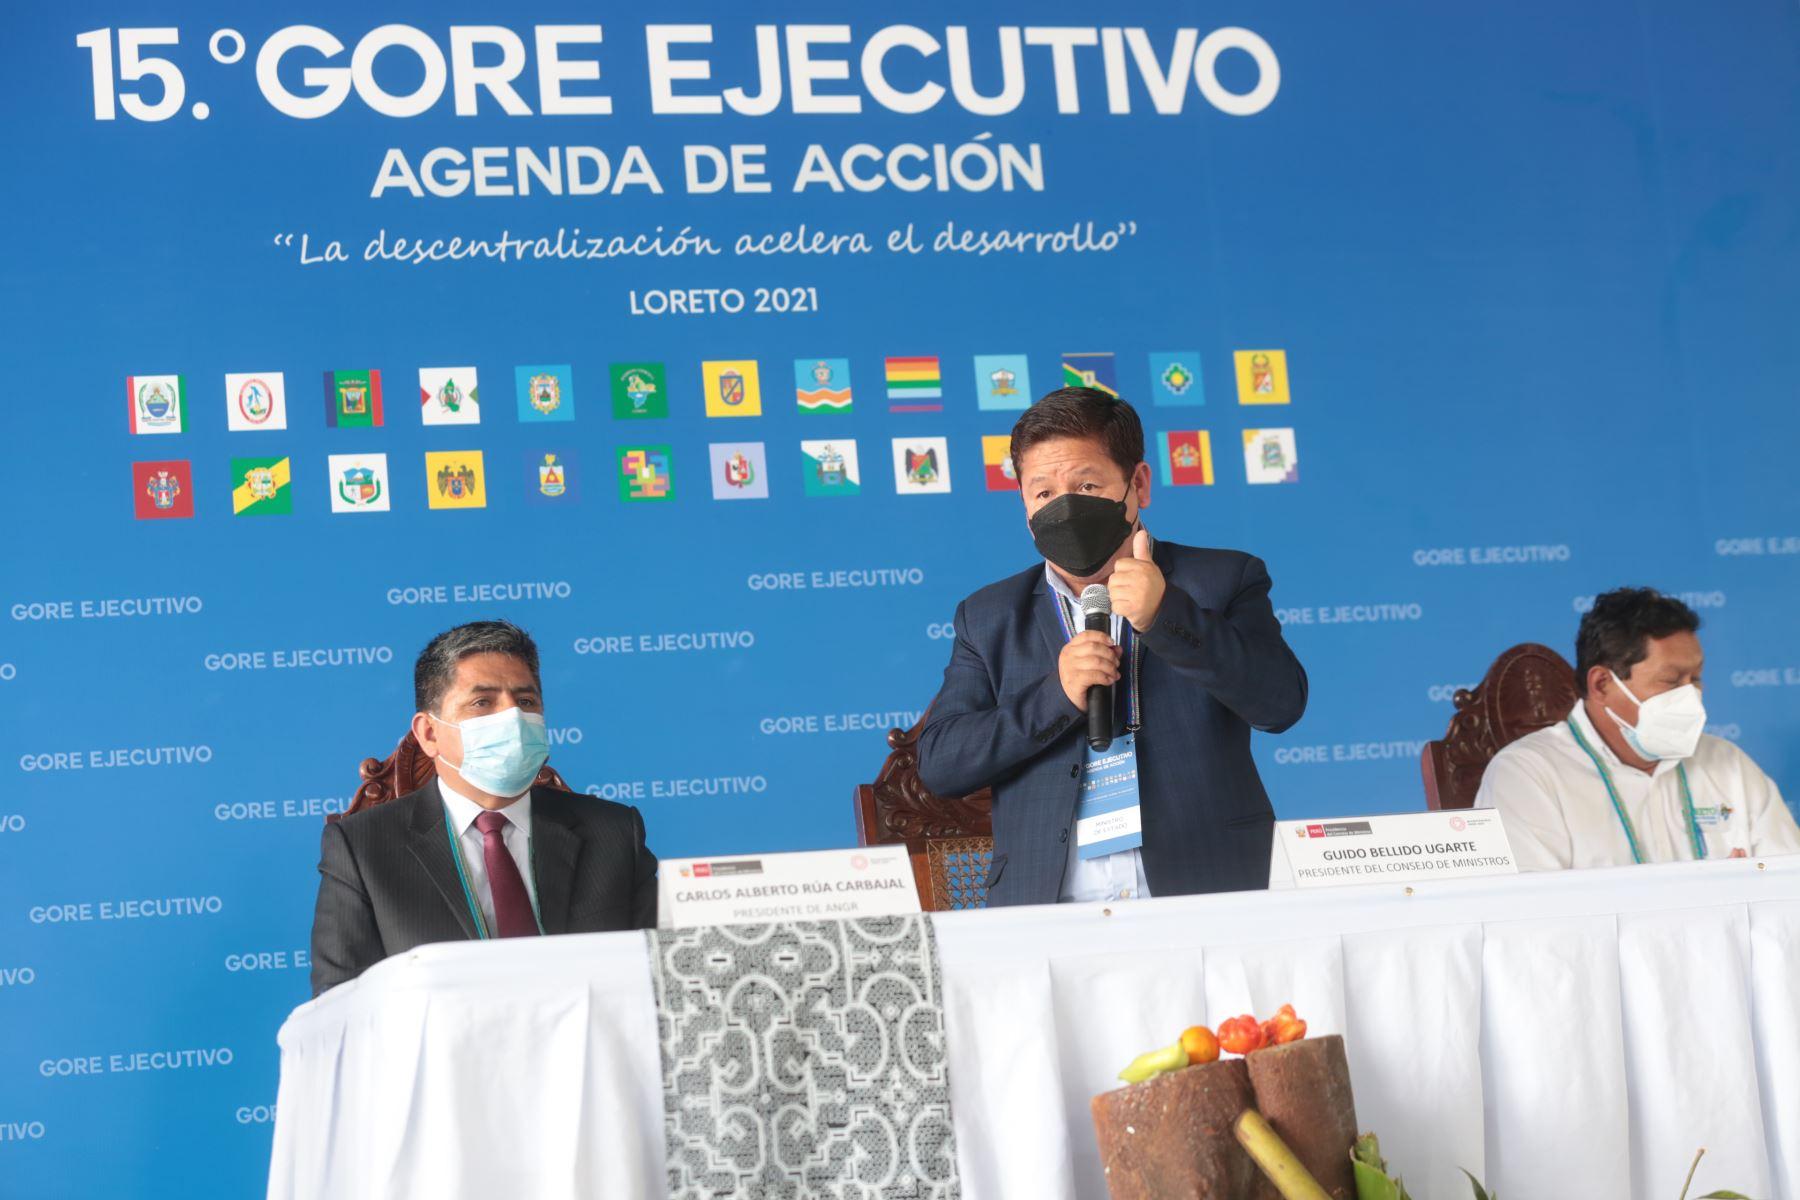 Titular de la PCM, Guido Bellido, participa en el 15° GORE Ejecutivo, espacio de articulación que reúne a ministros de Estado con los gobernadores regionales y sus equipos, para impulsar el trabajo conjunto por el desarrollo de los departamentos. Foto: PCM